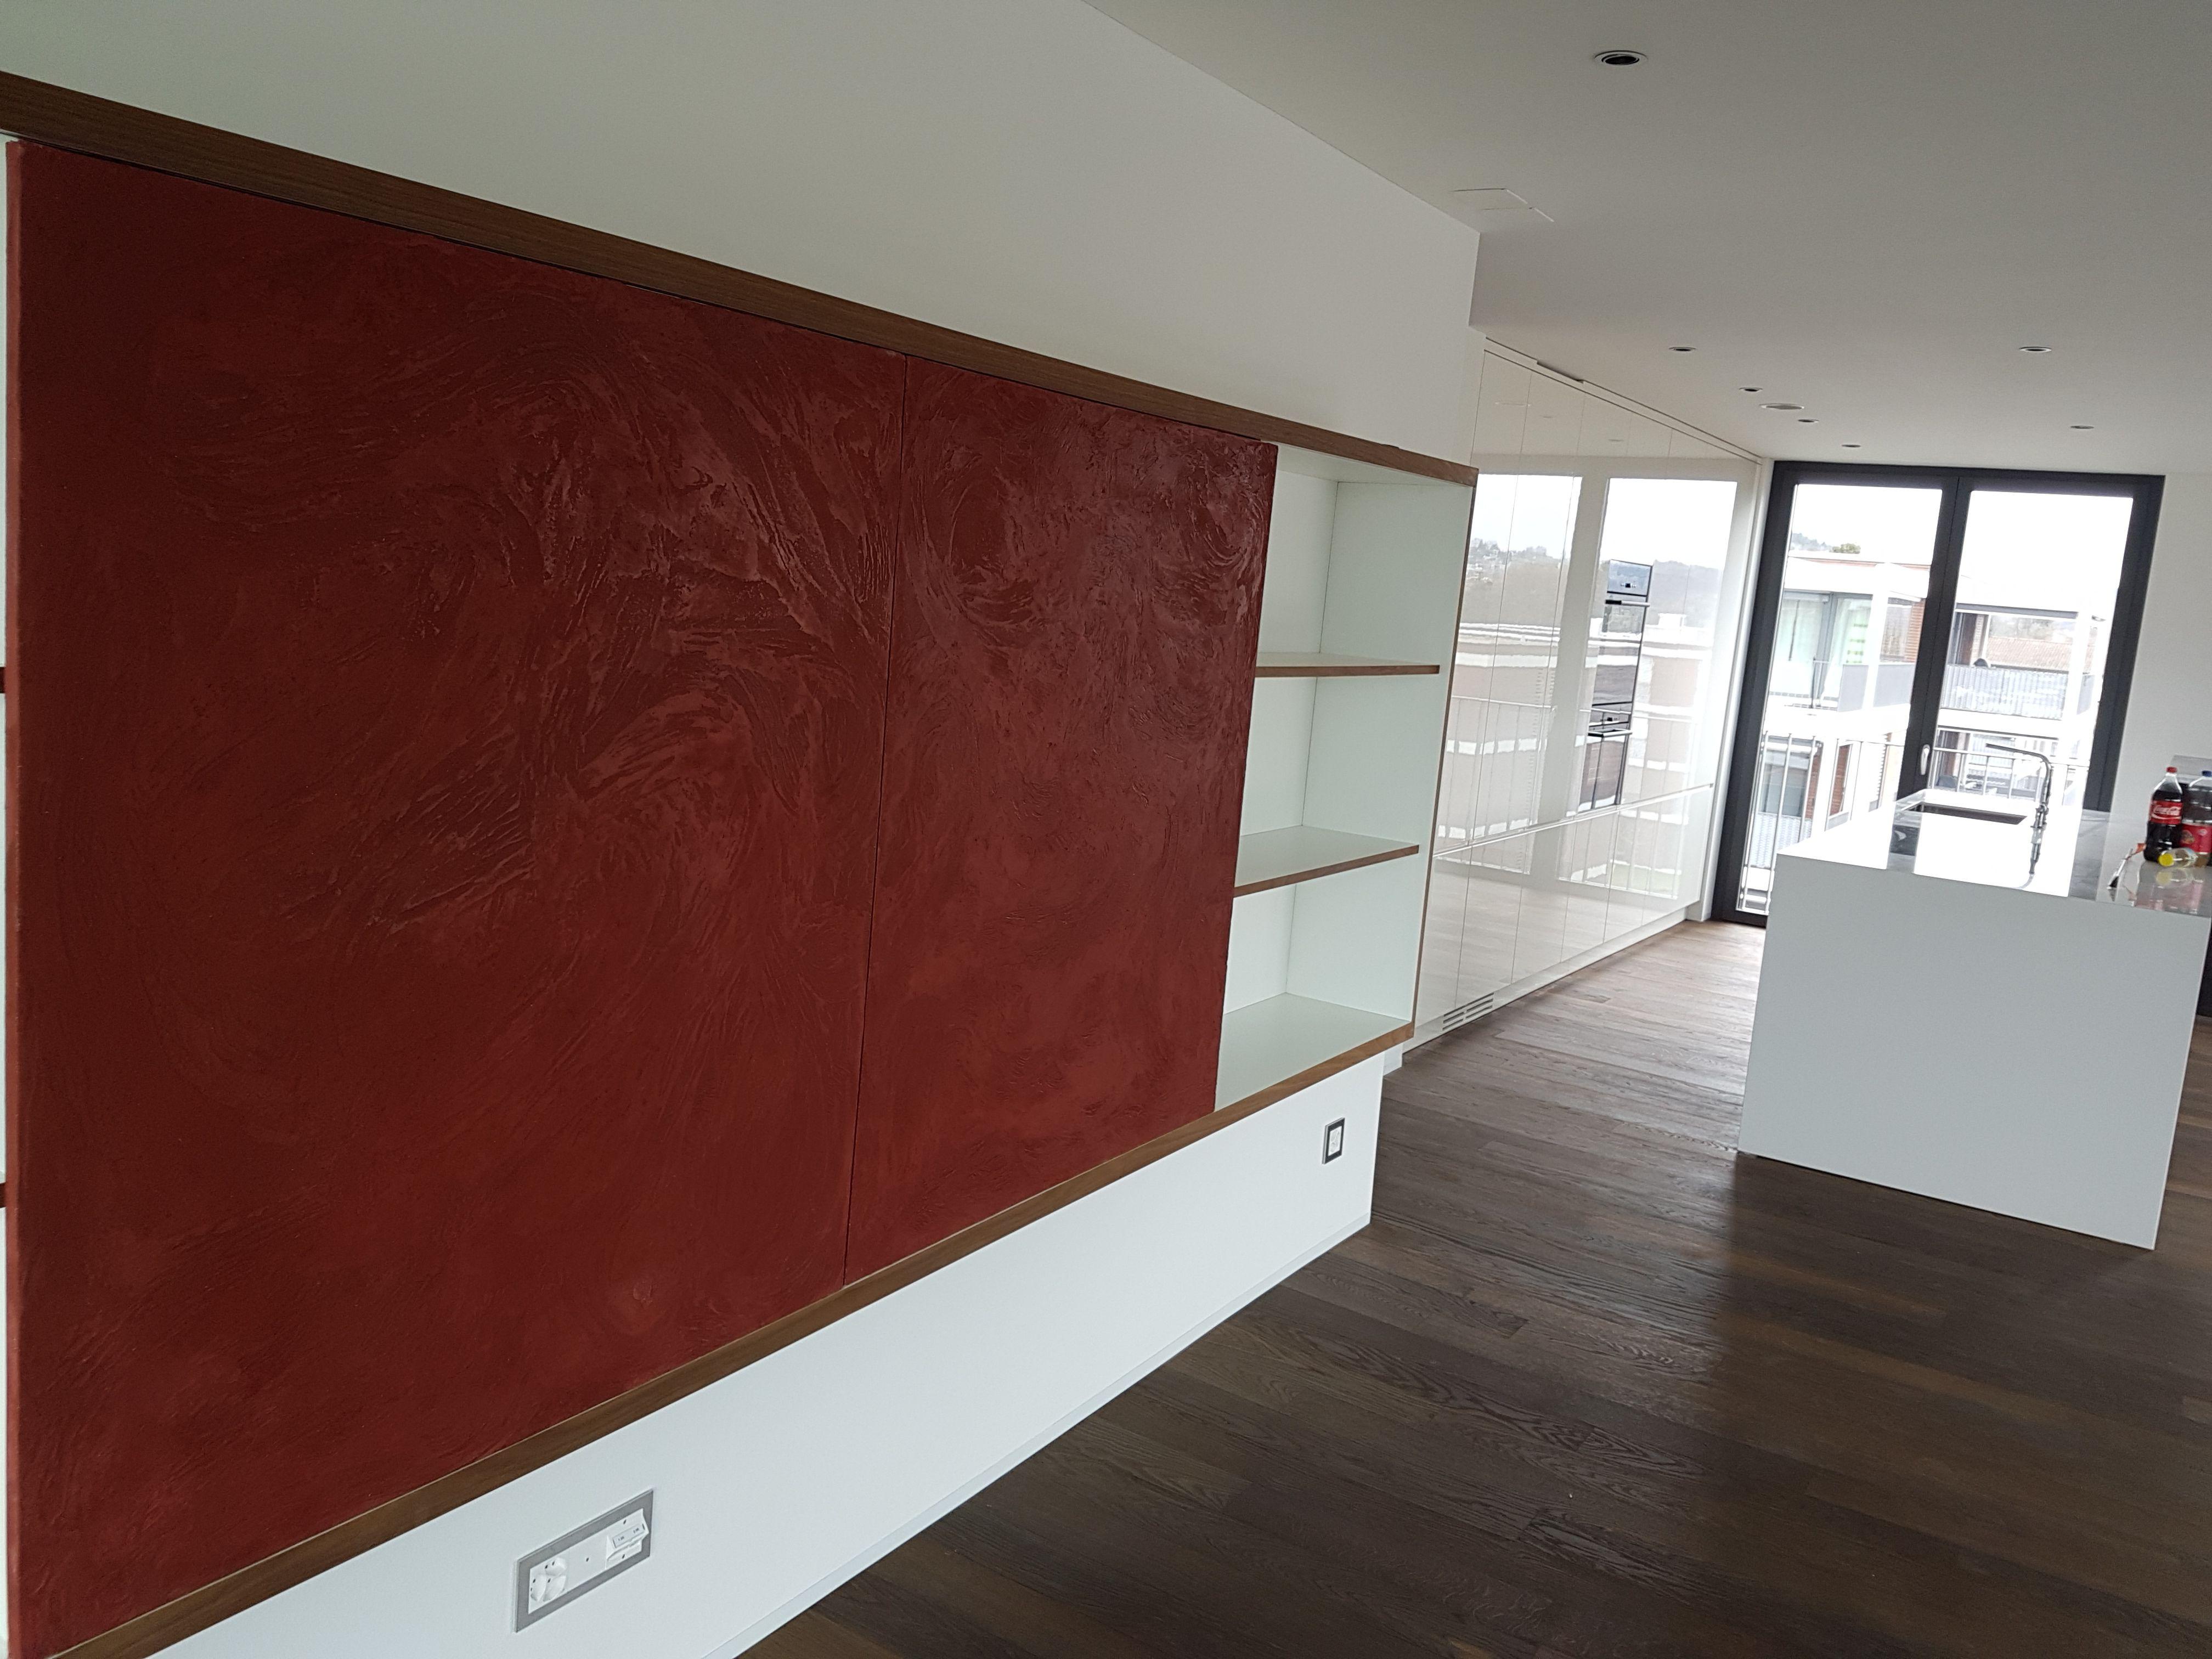 Fernsehabdeckung mit terrastone gespachtelt - Design wandgestaltung ...